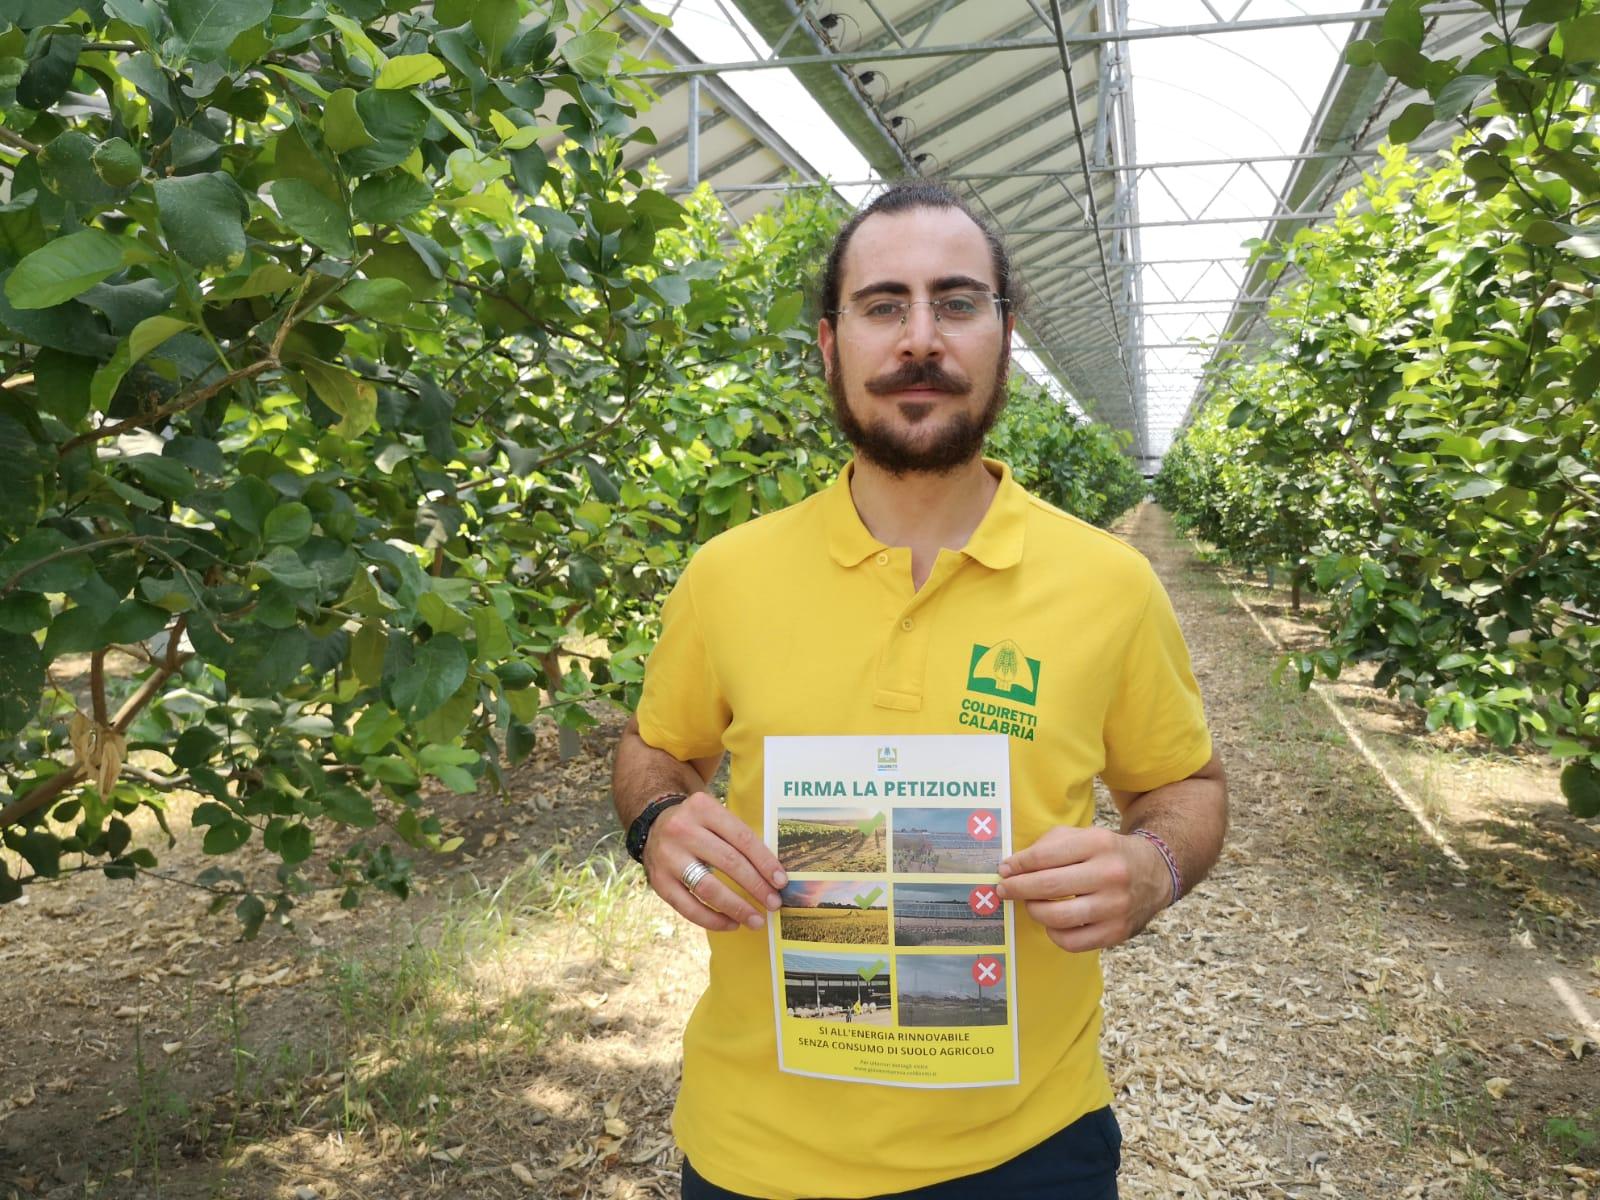 Coldiretti Calabria clima: i giovani agricoltori calabresi lanciano la petizione contro i pannelli mangia suolo